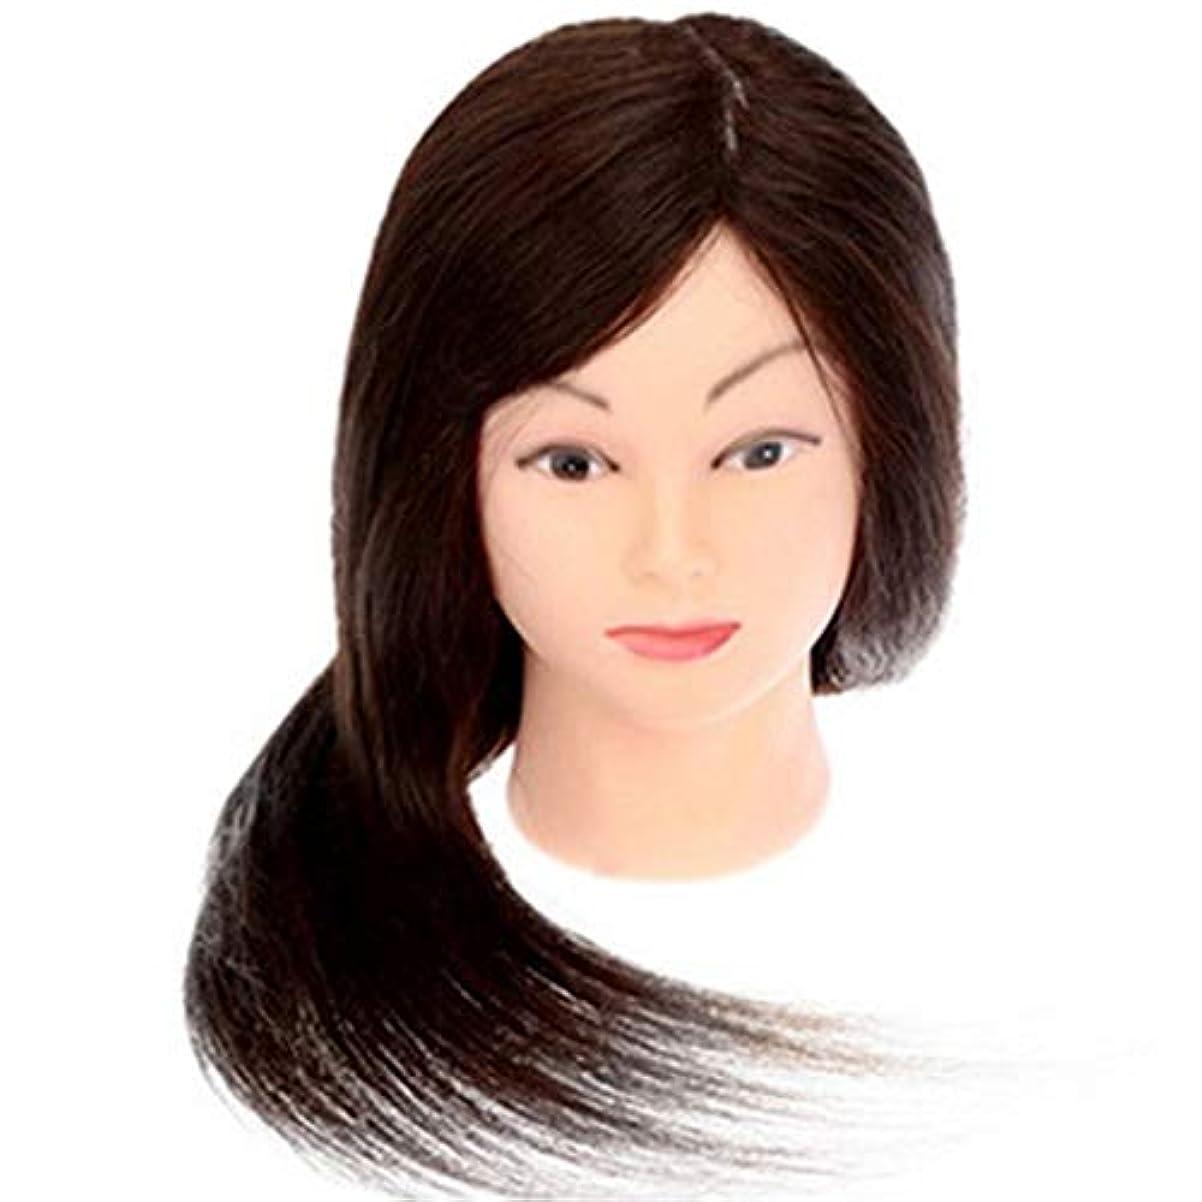 インストールすり減る火曜日メイクアップエクササイズディスク髪編組ヘッド金型デュアルユースダミーヘッドモデルヘッド美容ヘアカットティーチングヘッドかつら